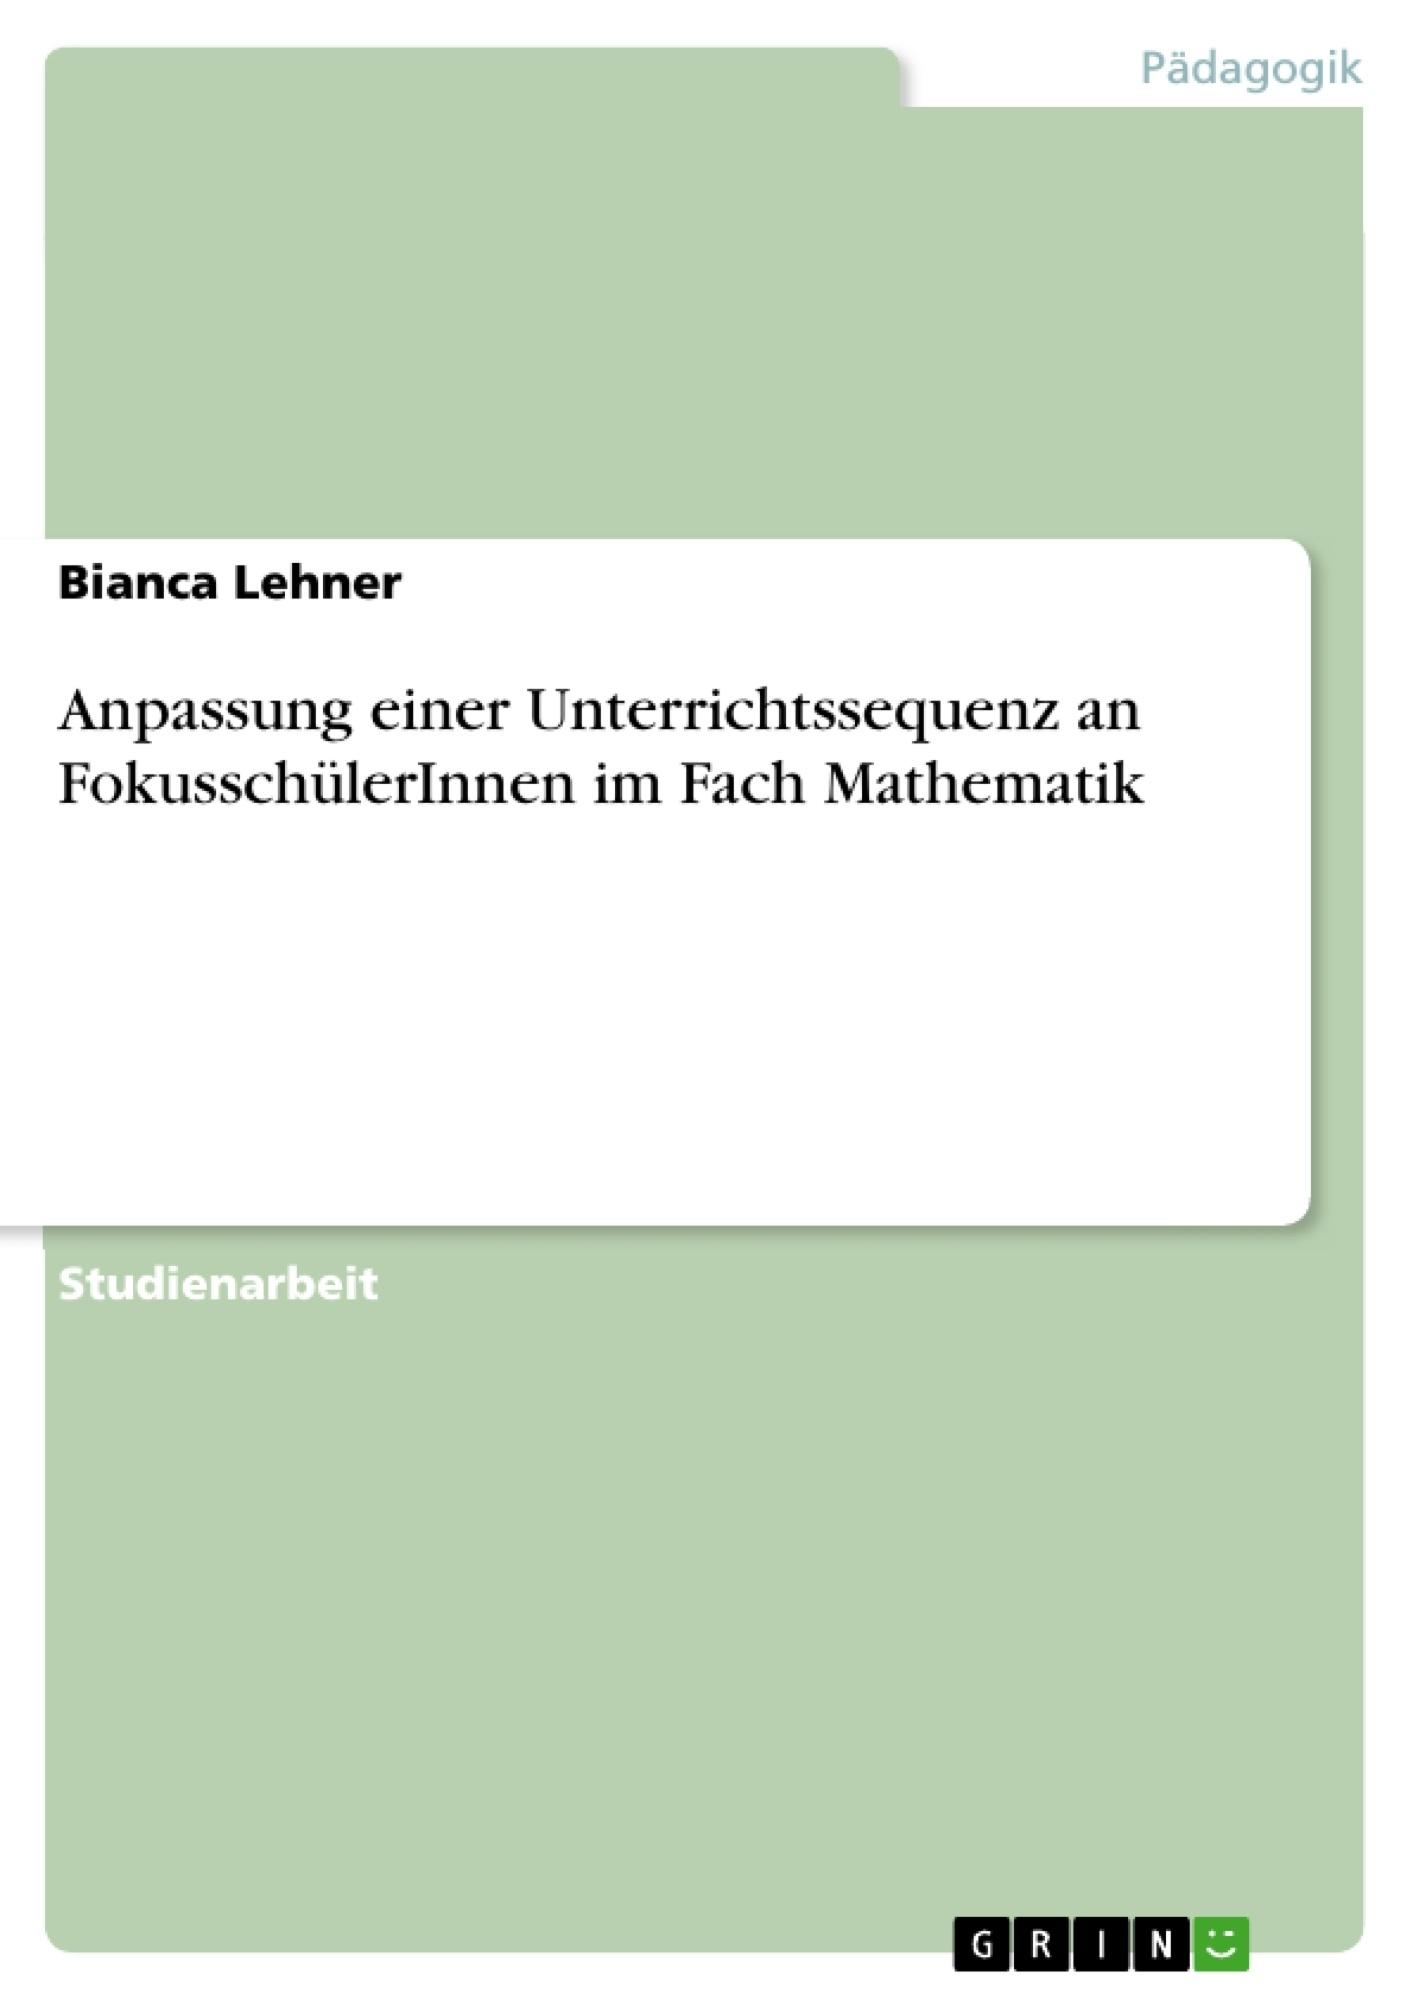 Titel: Anpassung einer Unterrichtssequenz an FokusschülerInnen im Fach Mathematik